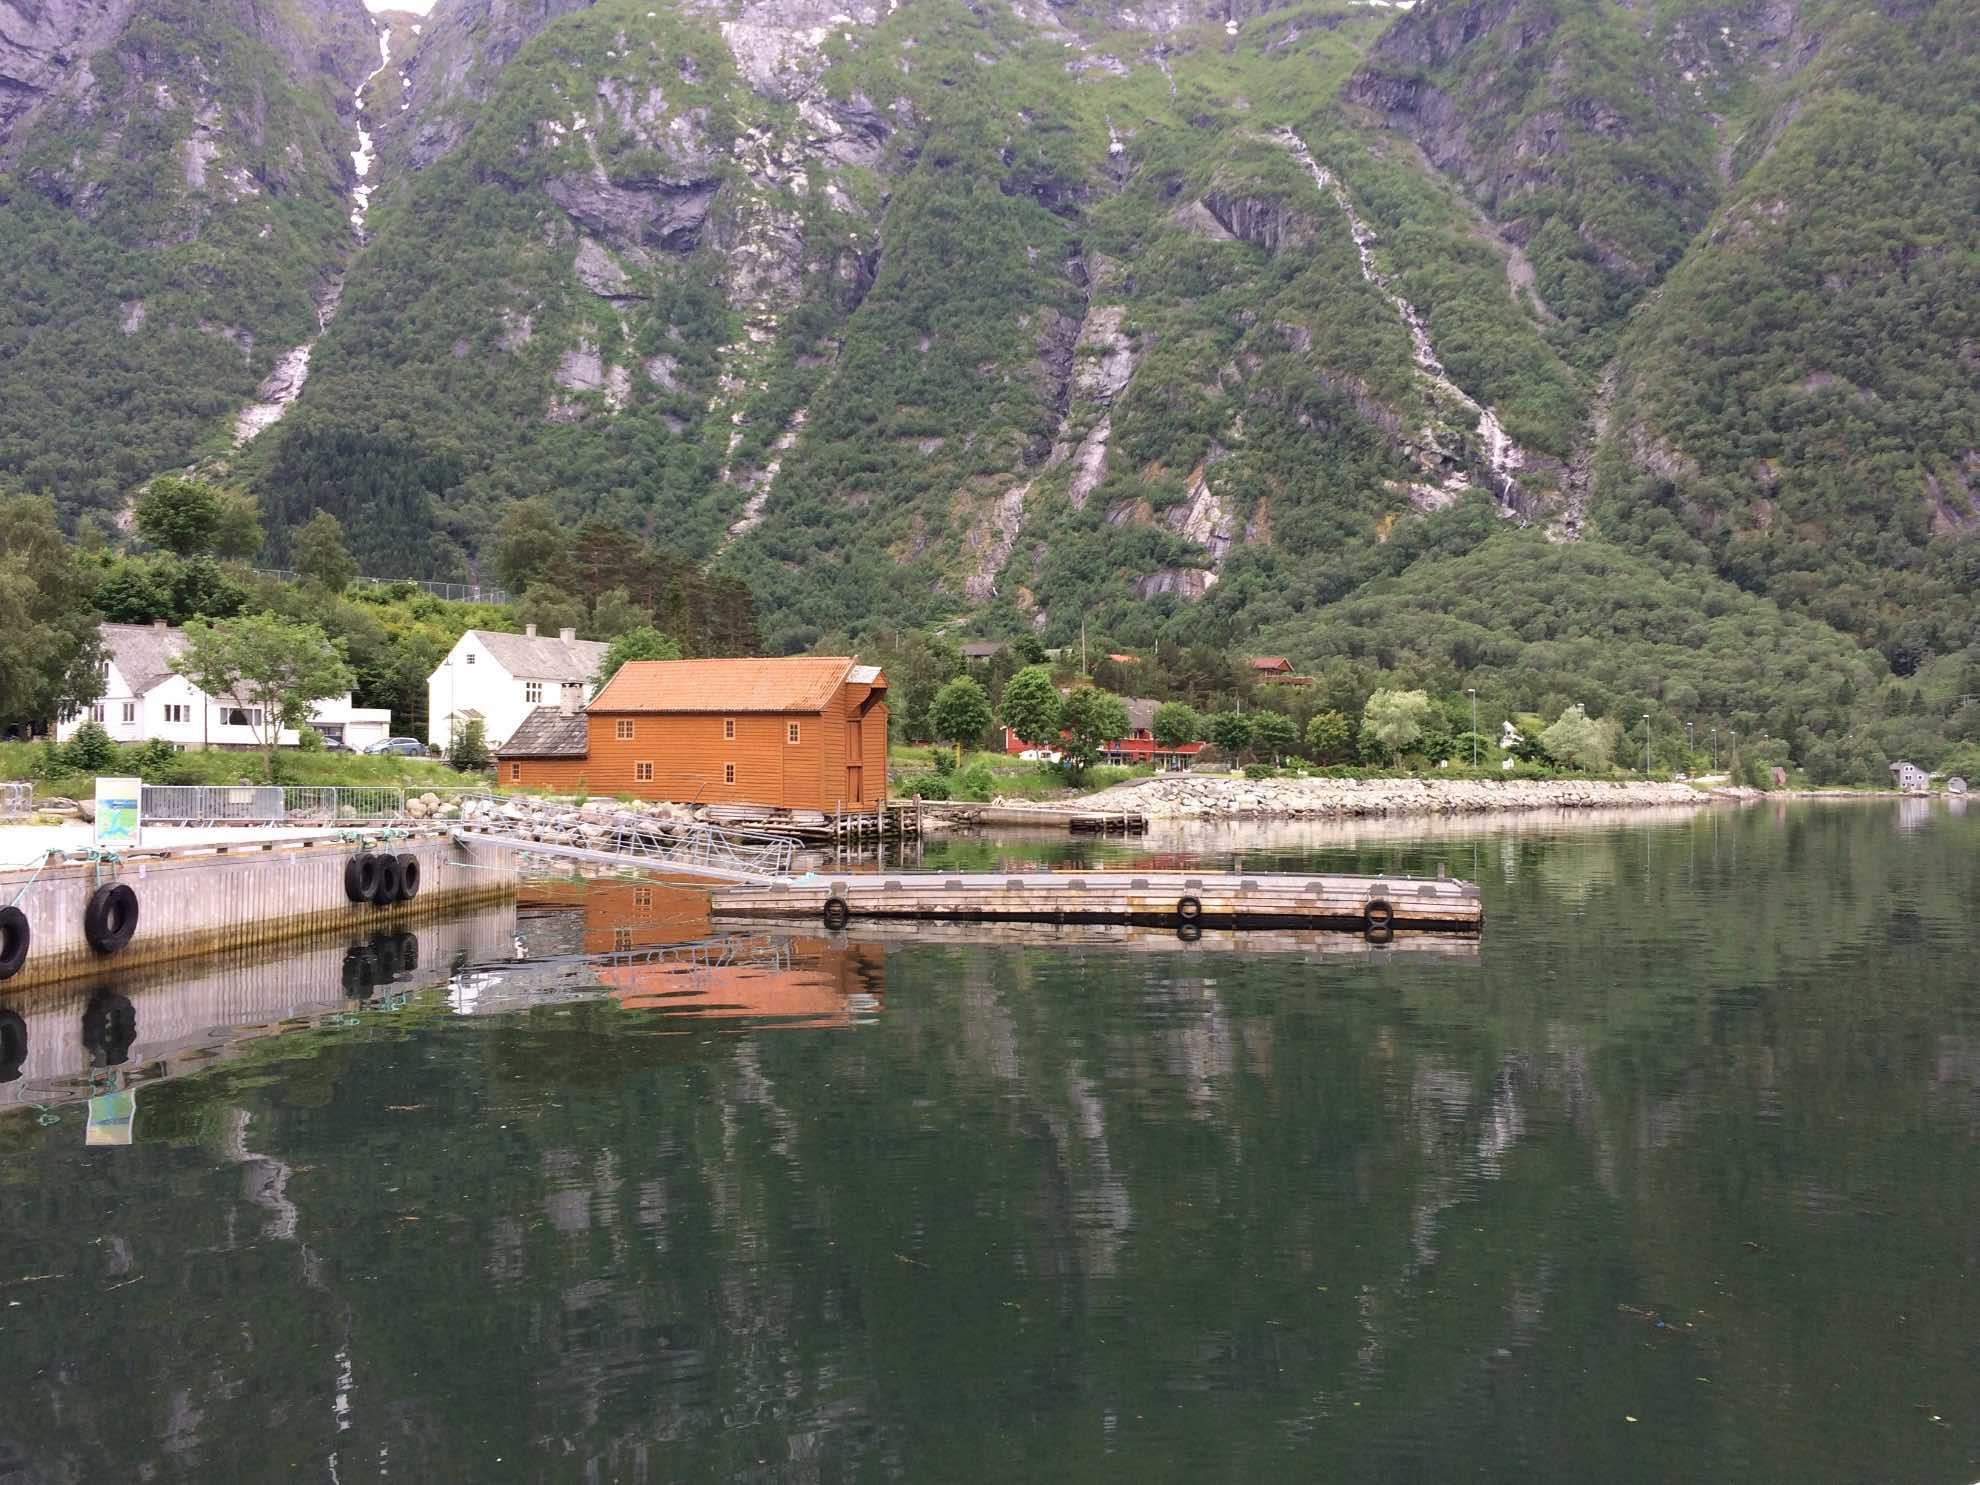 In Eidfjord, einer kleinen Gemeinde am gleichnamigen Fjord, der der westliche Arm des Hardangerfjordes ist.